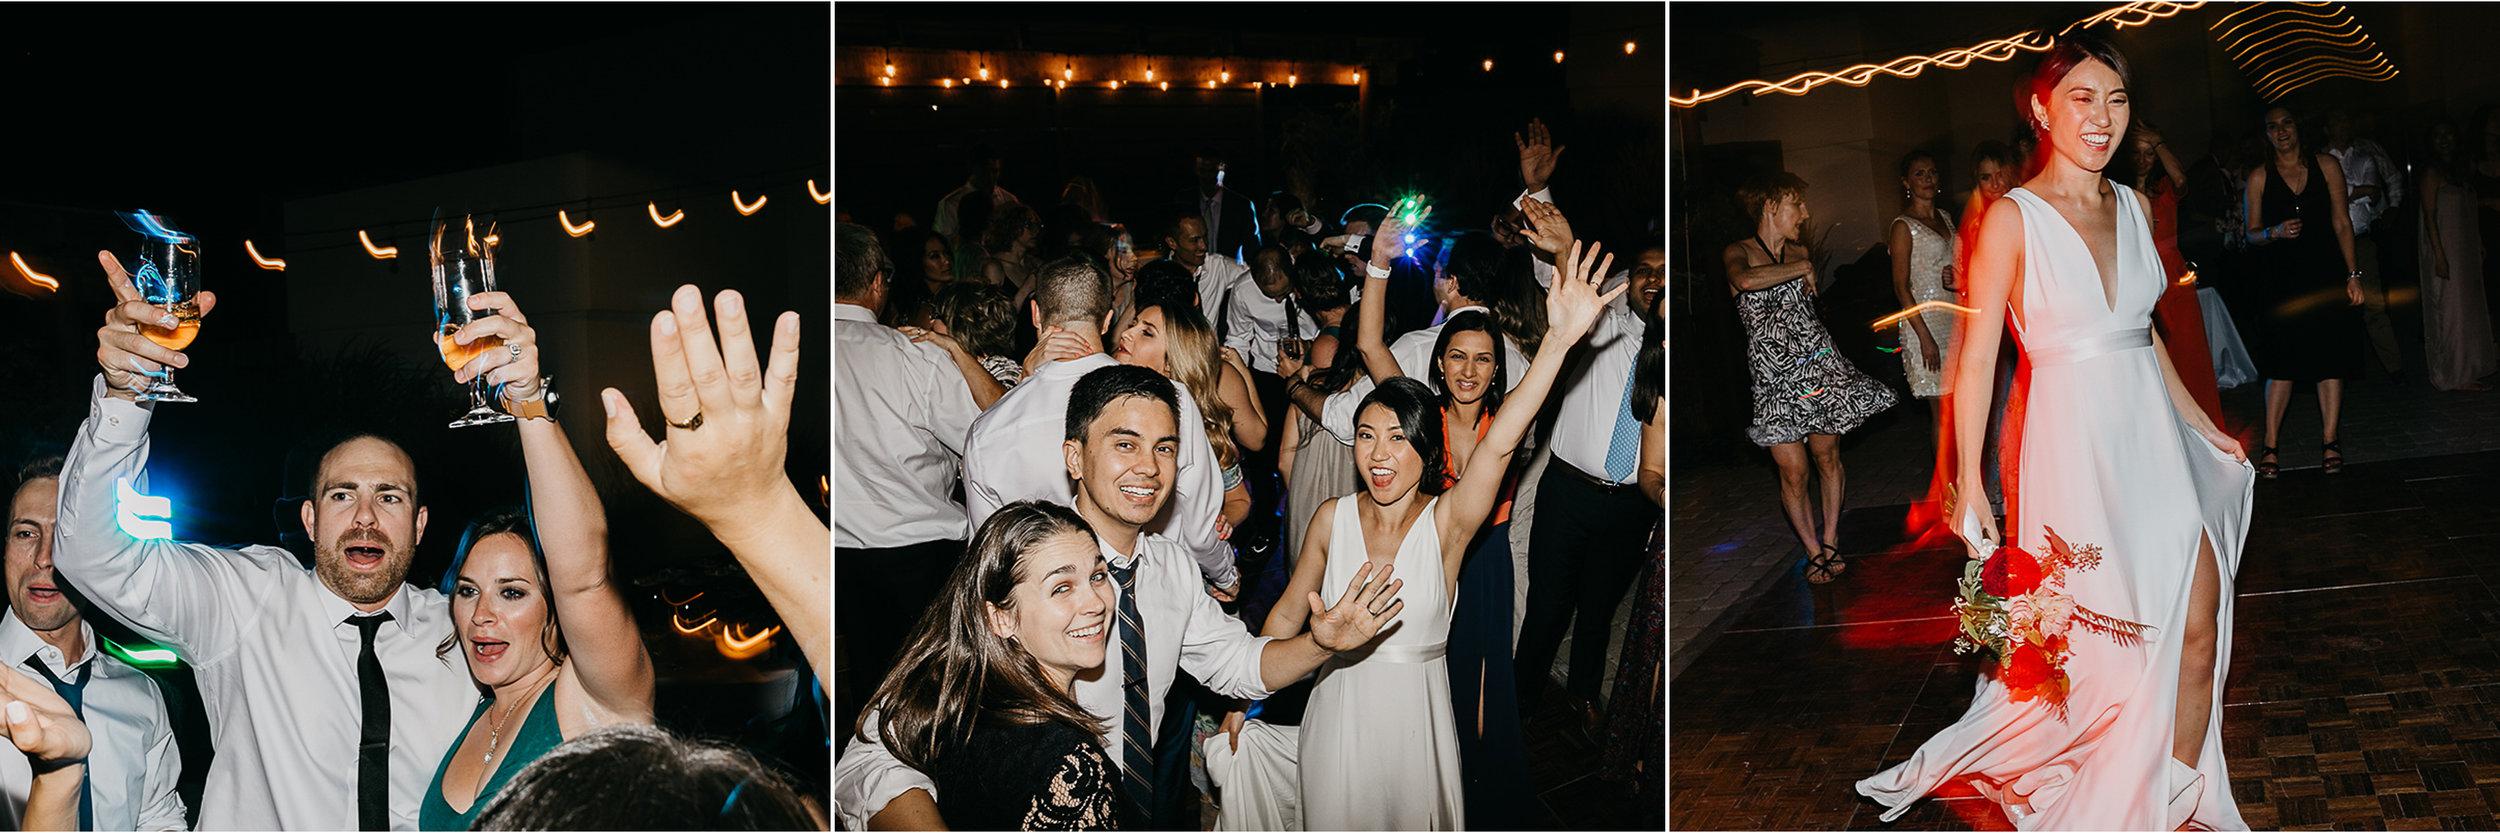 Walla walla - washington - wedding - photographer 036.jpg